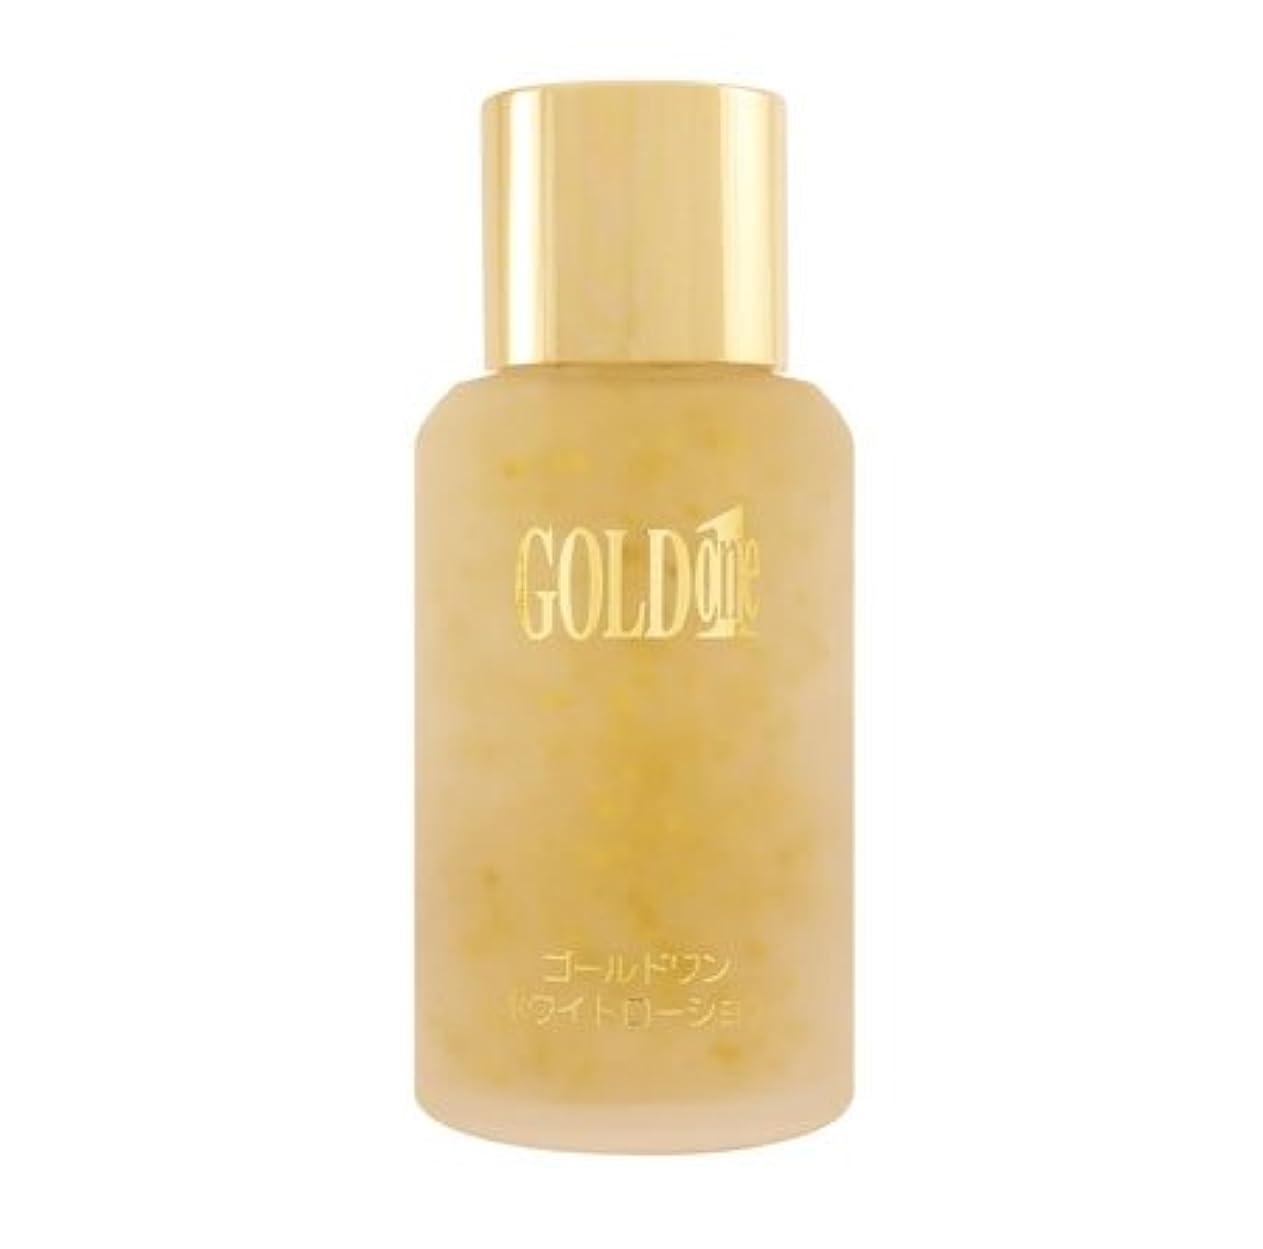 あらゆる種類の適度な飼料ゴールドコスメ ホワイト ローション 化粧水 80ml